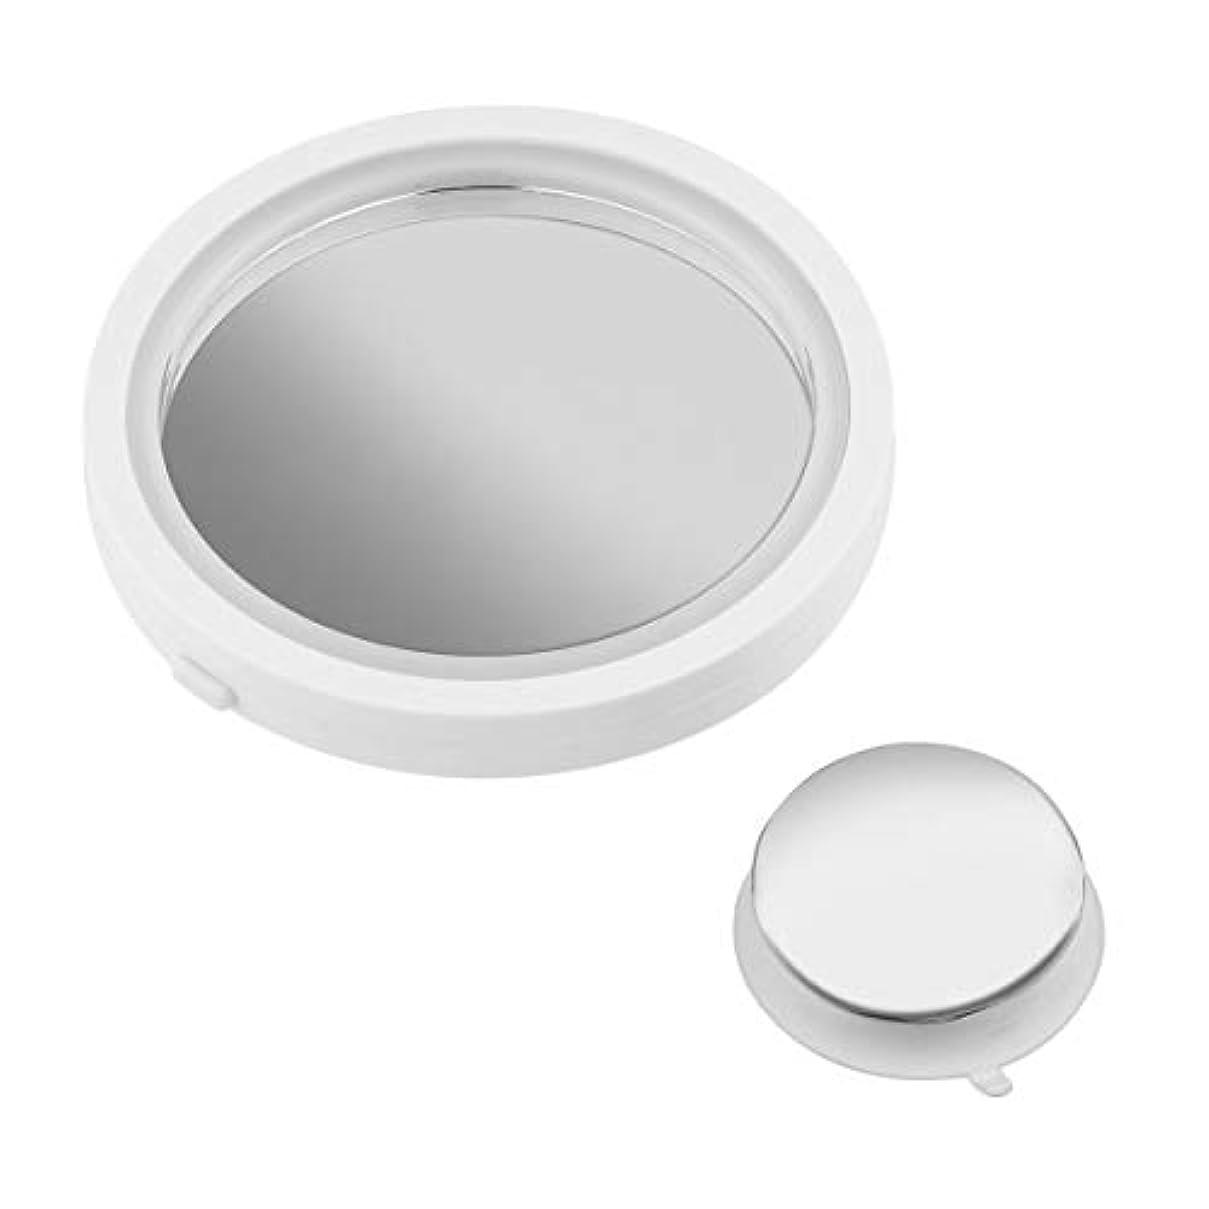 白い記憶融合Bibipangstore ポータブルサイズ360度回転化粧鏡女性プロフェッショナル8倍拡大LED明るい光化粧鏡